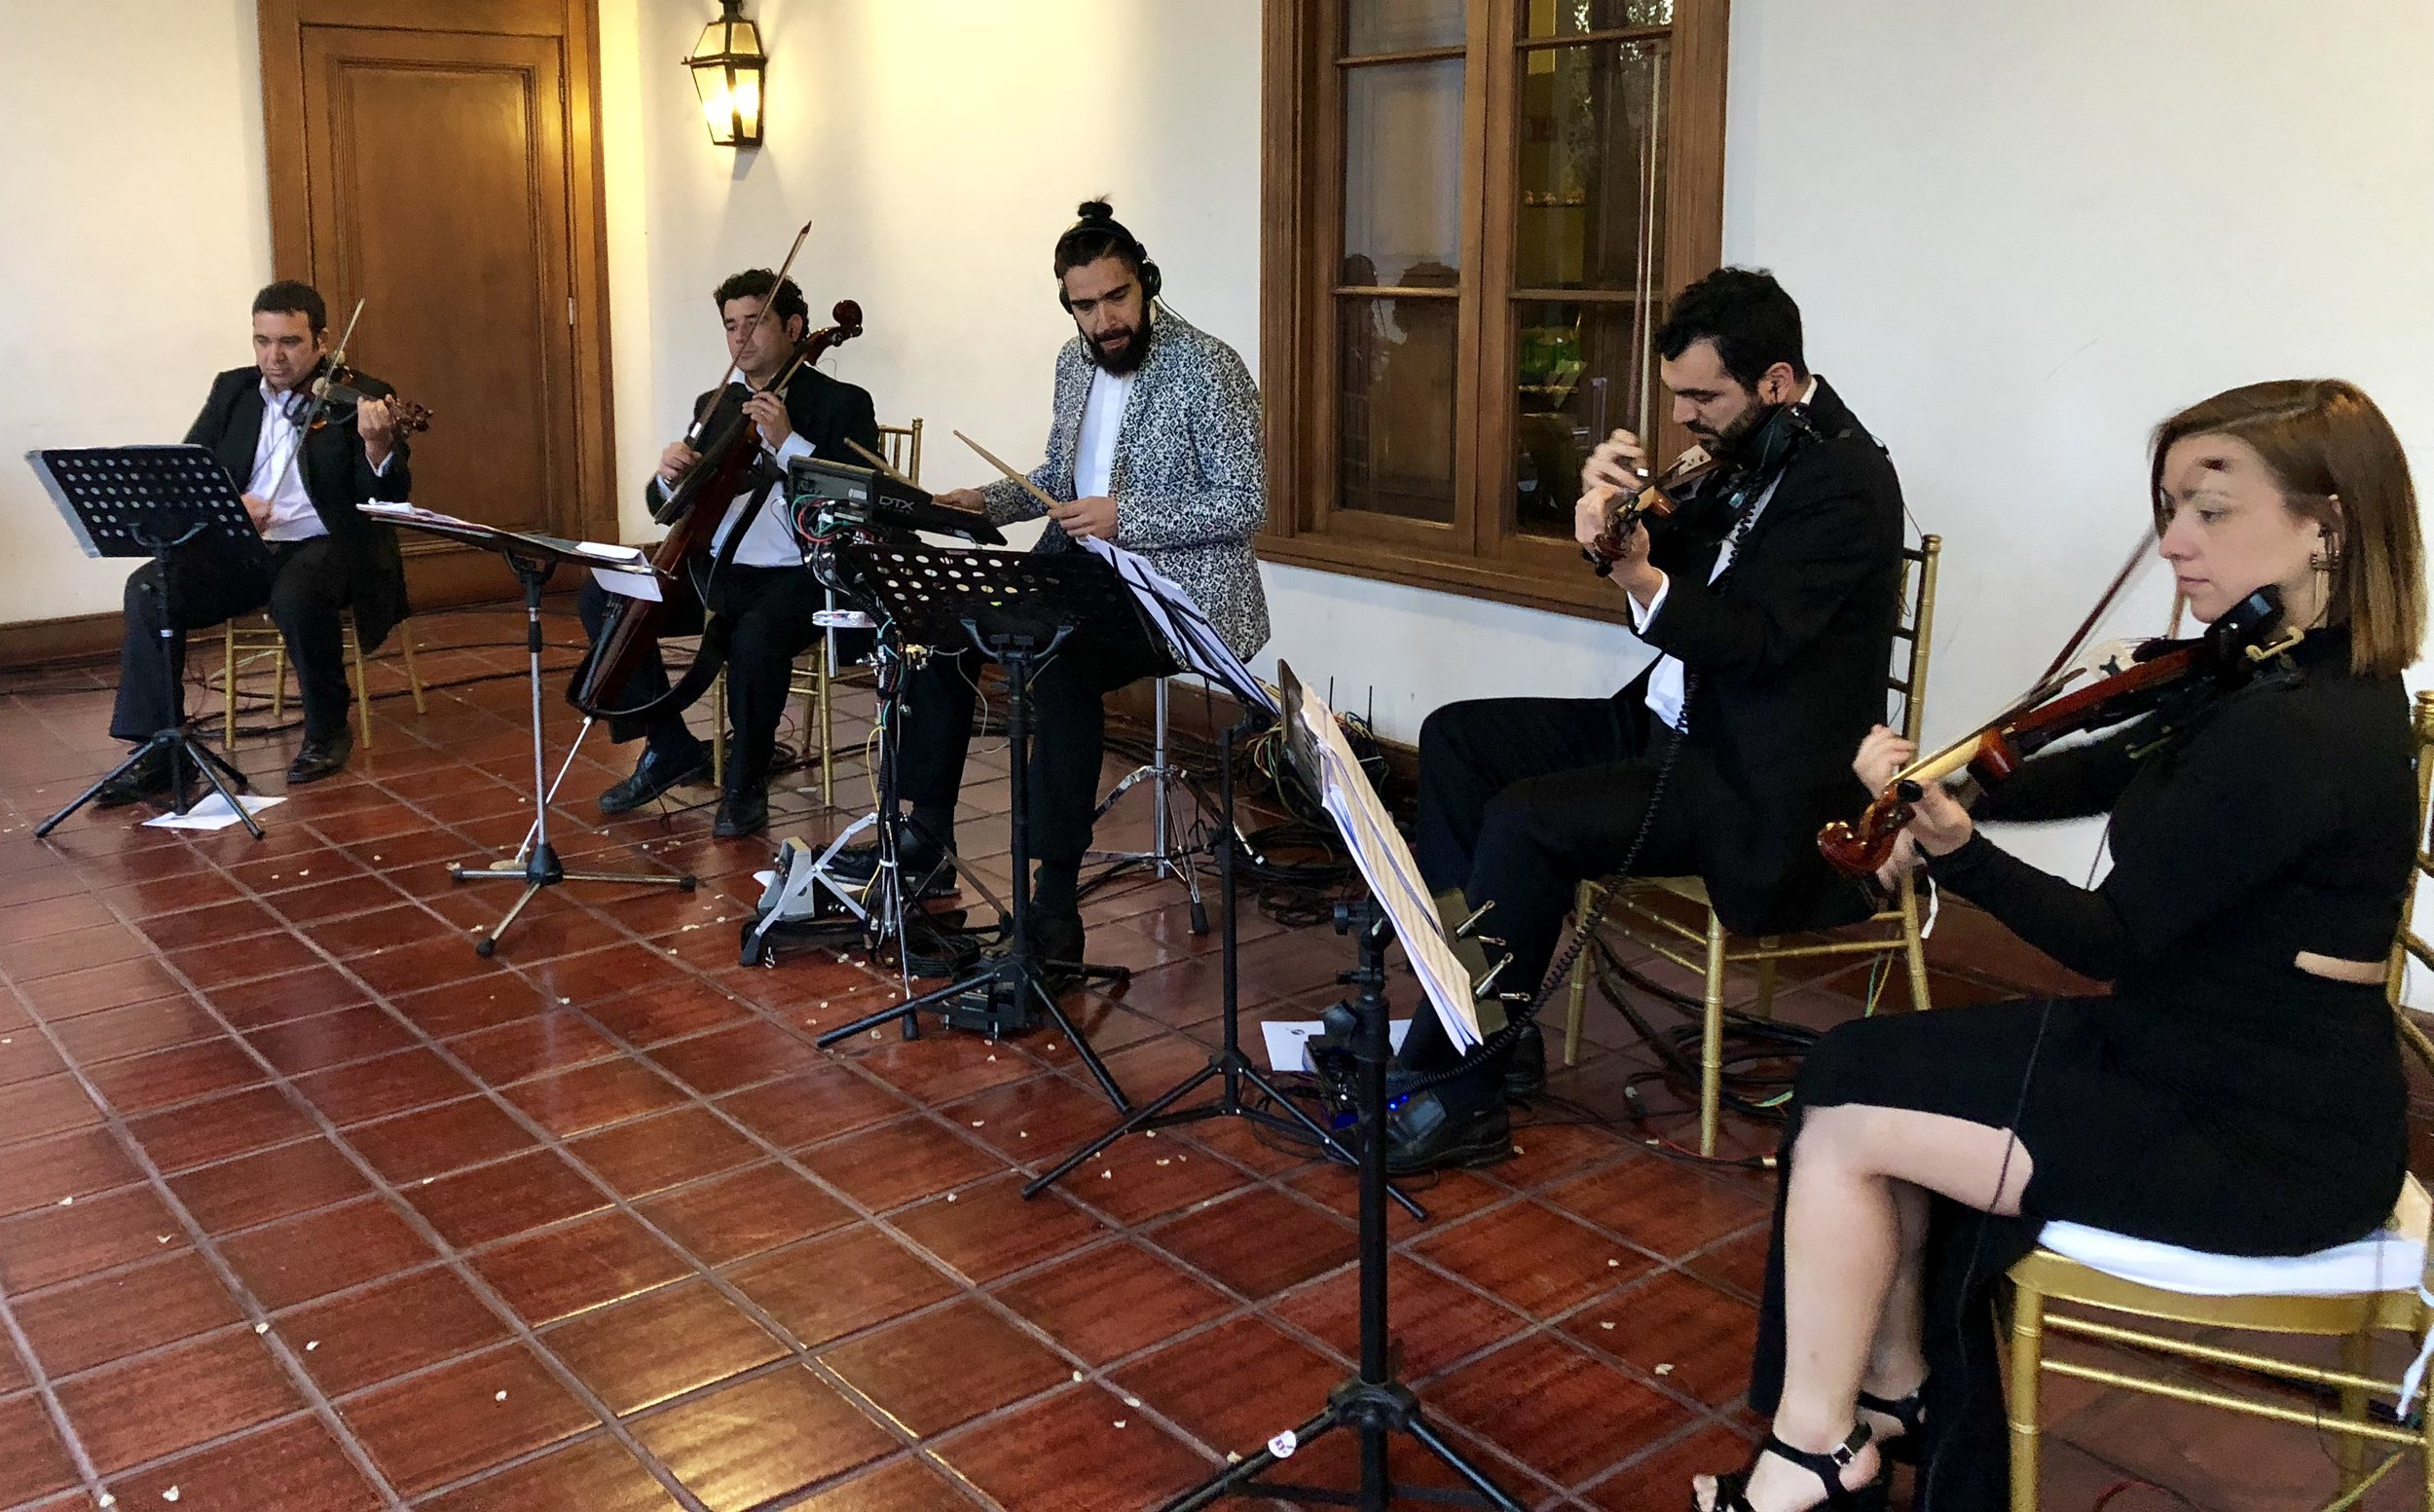 novios coro matrimonio música musicos en vivo chile casamento brasil